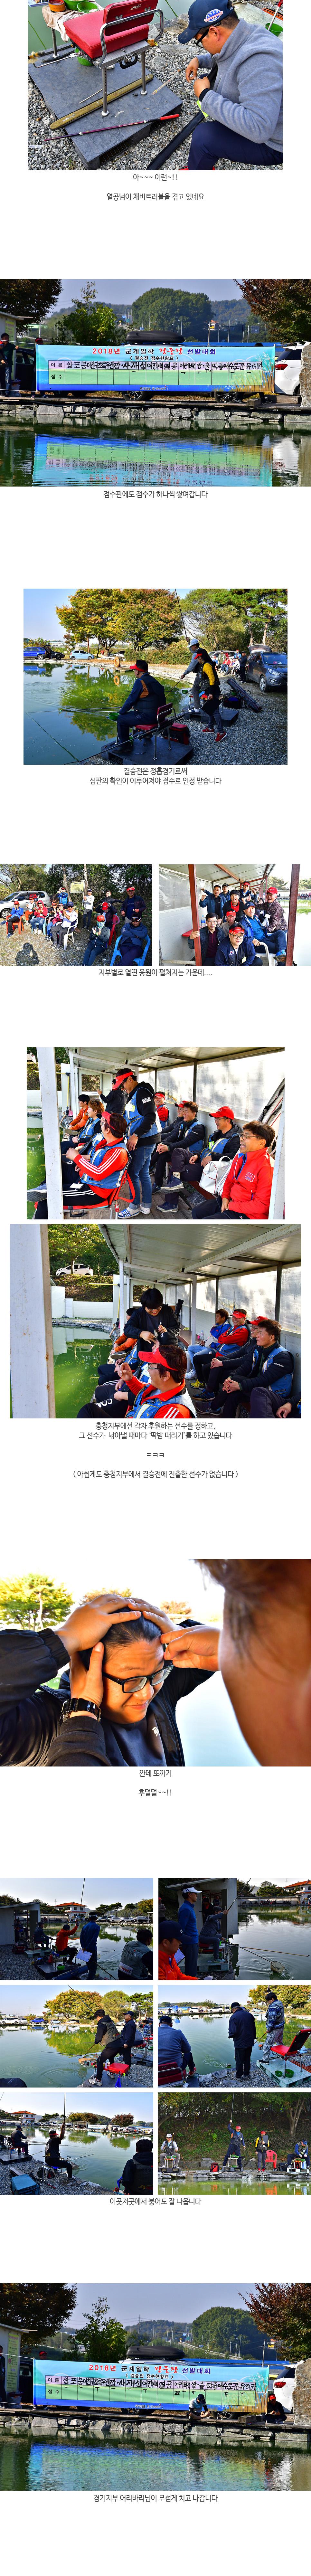 2018 군계일학 왕중왕전 - 09.jpg